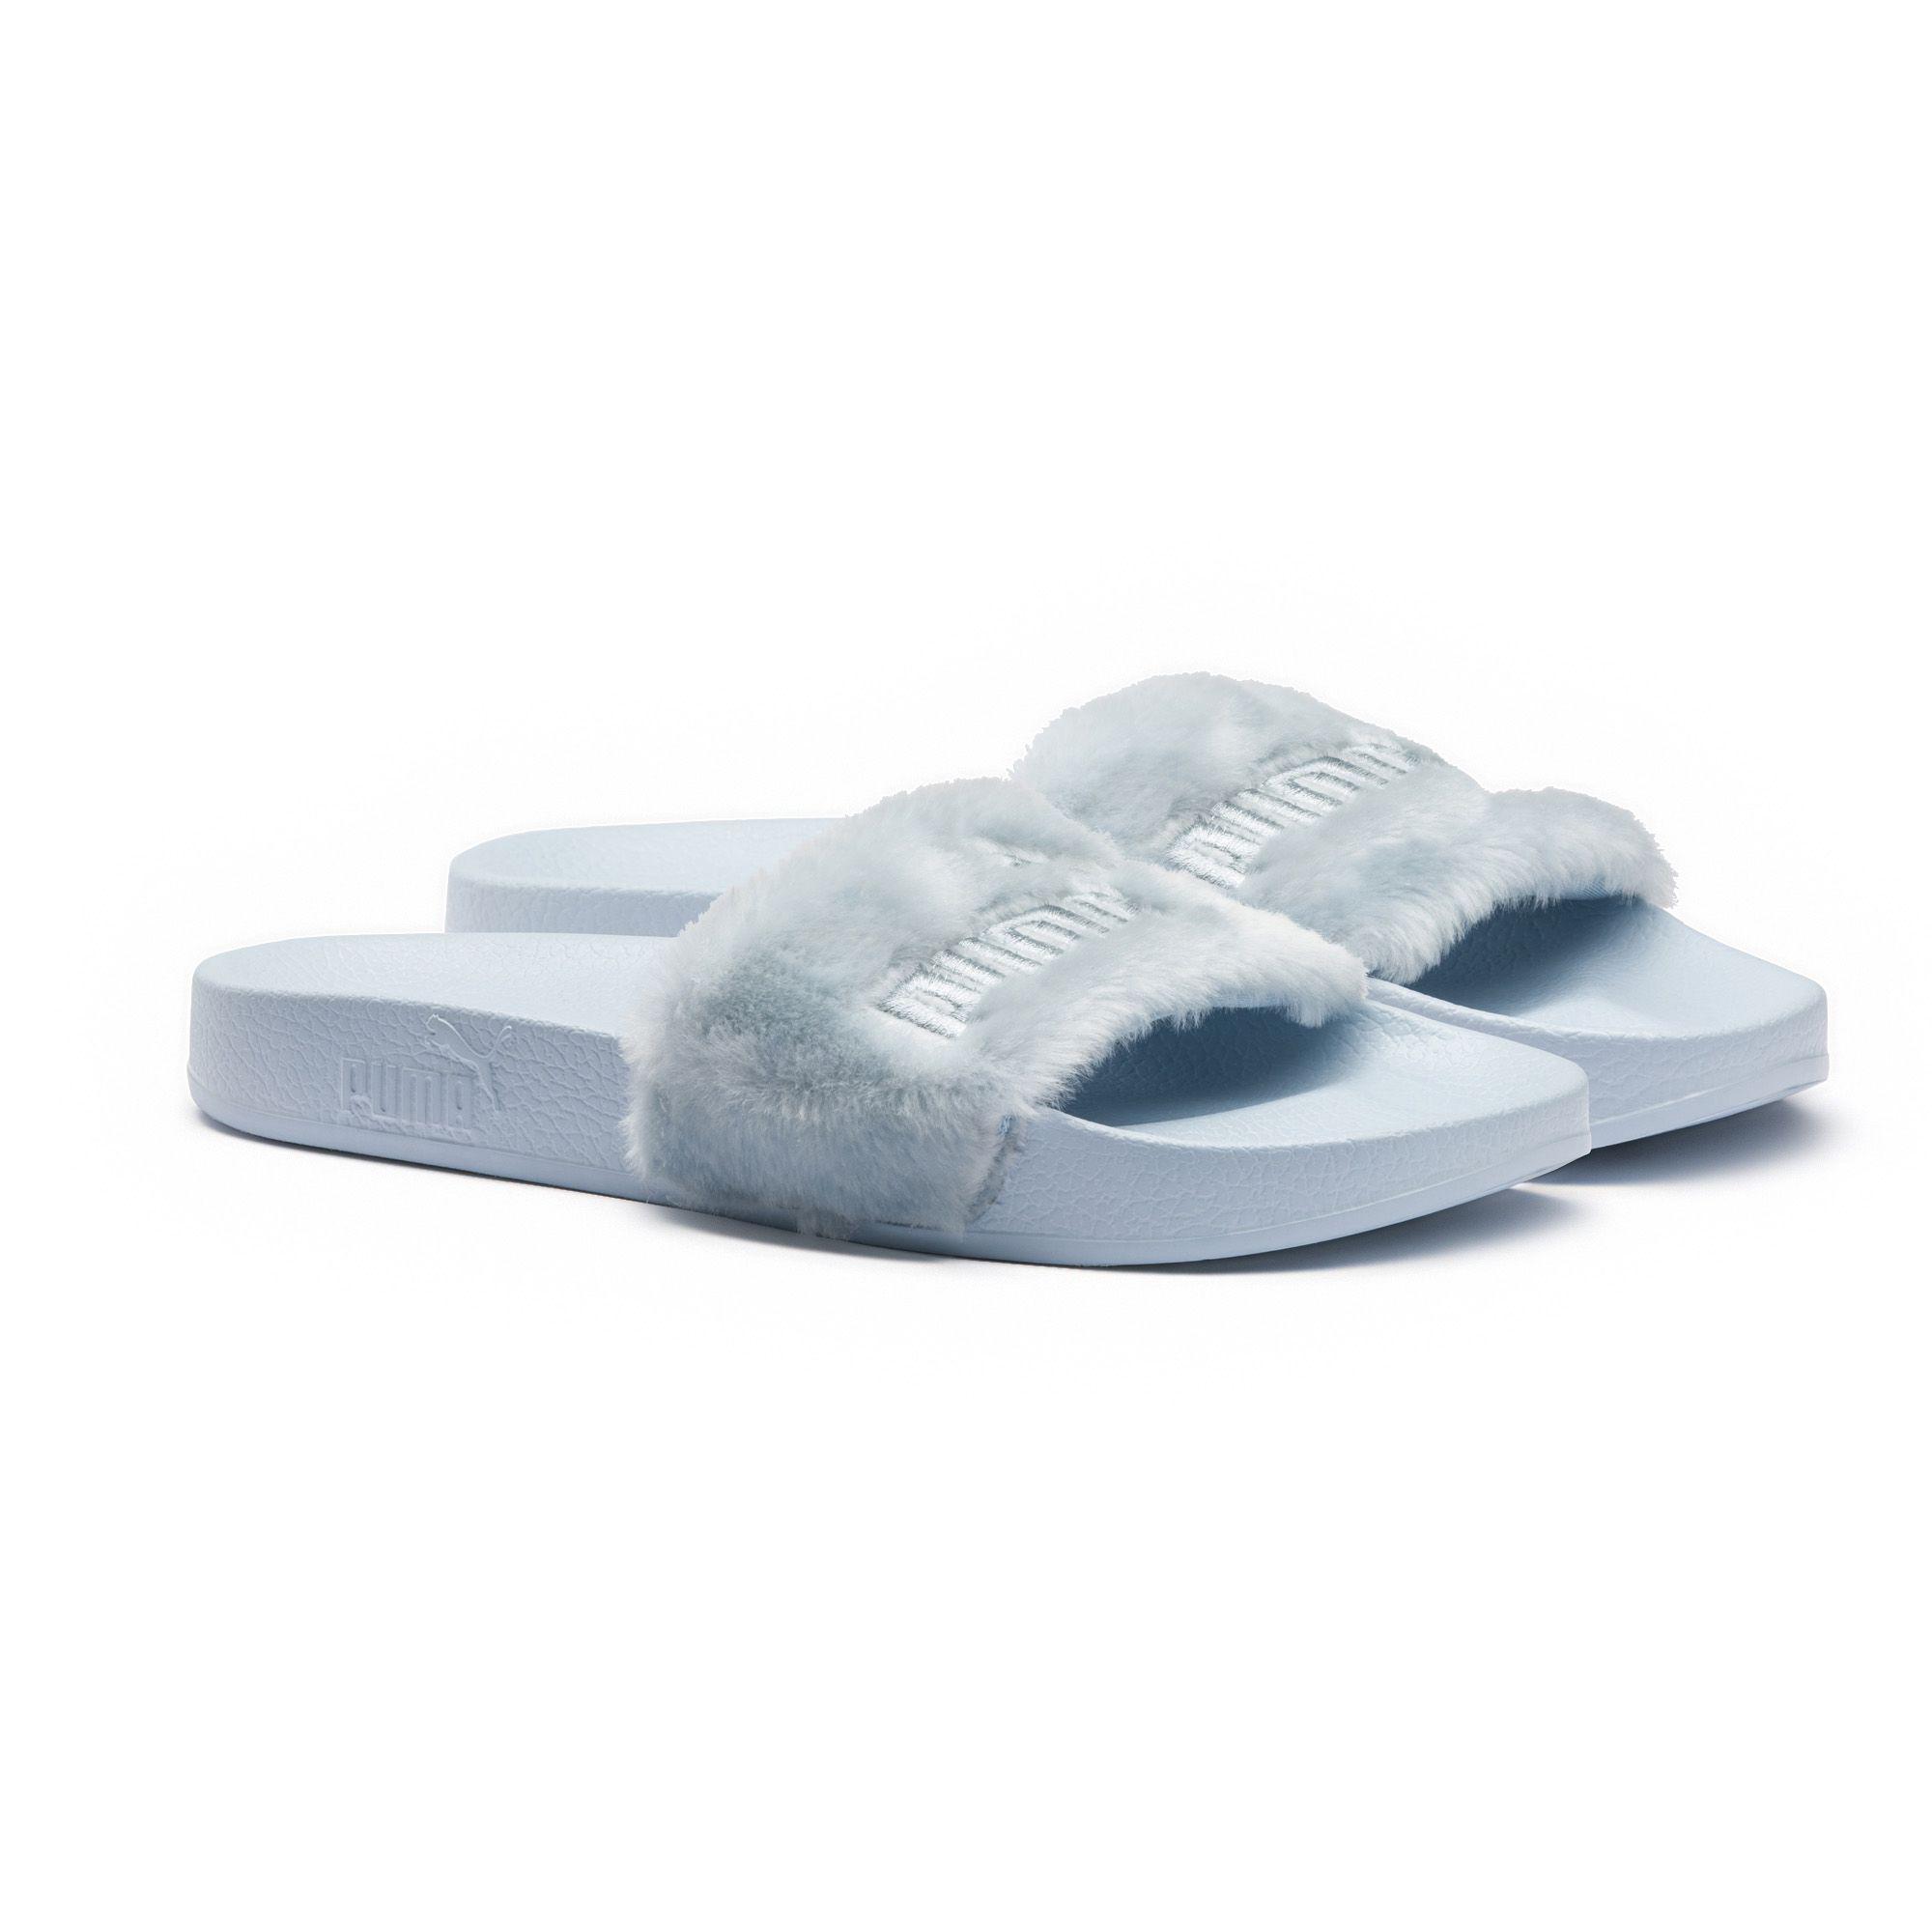 bdd67cca338c Lyst - Puma Fenty By Rihanna Faux Fur Slide Sandal in Blue